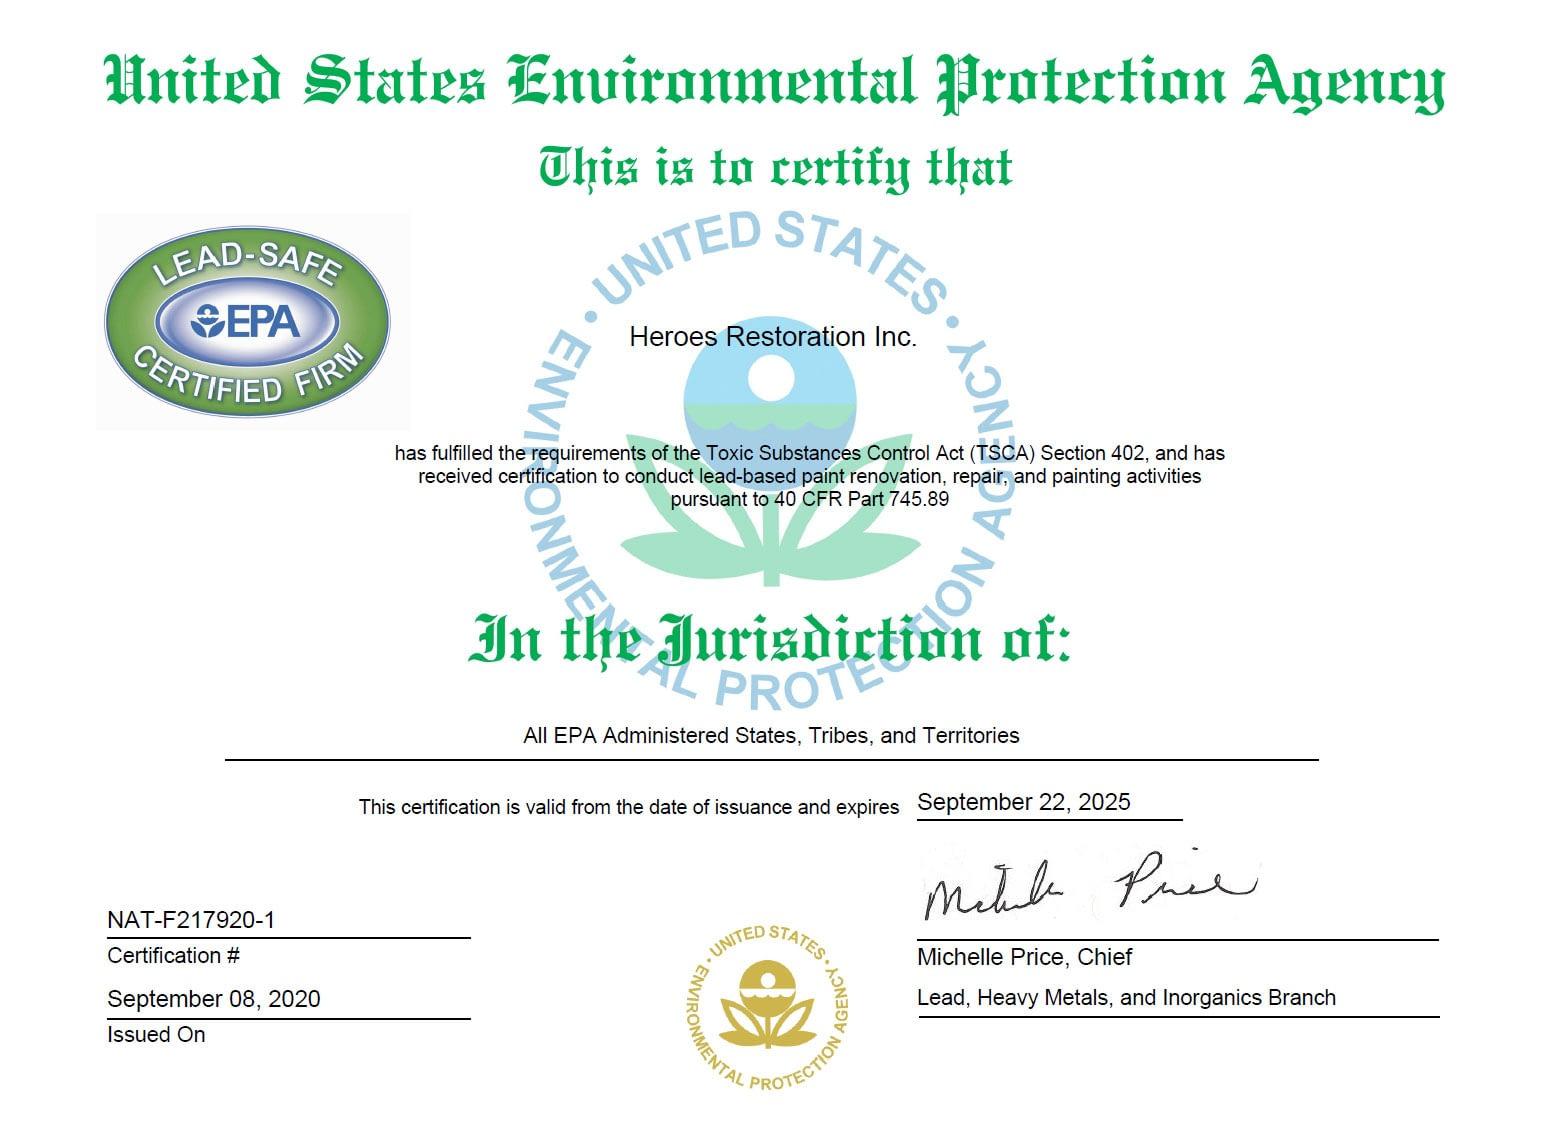 Heroes Restoration Inc. is EPA Certified